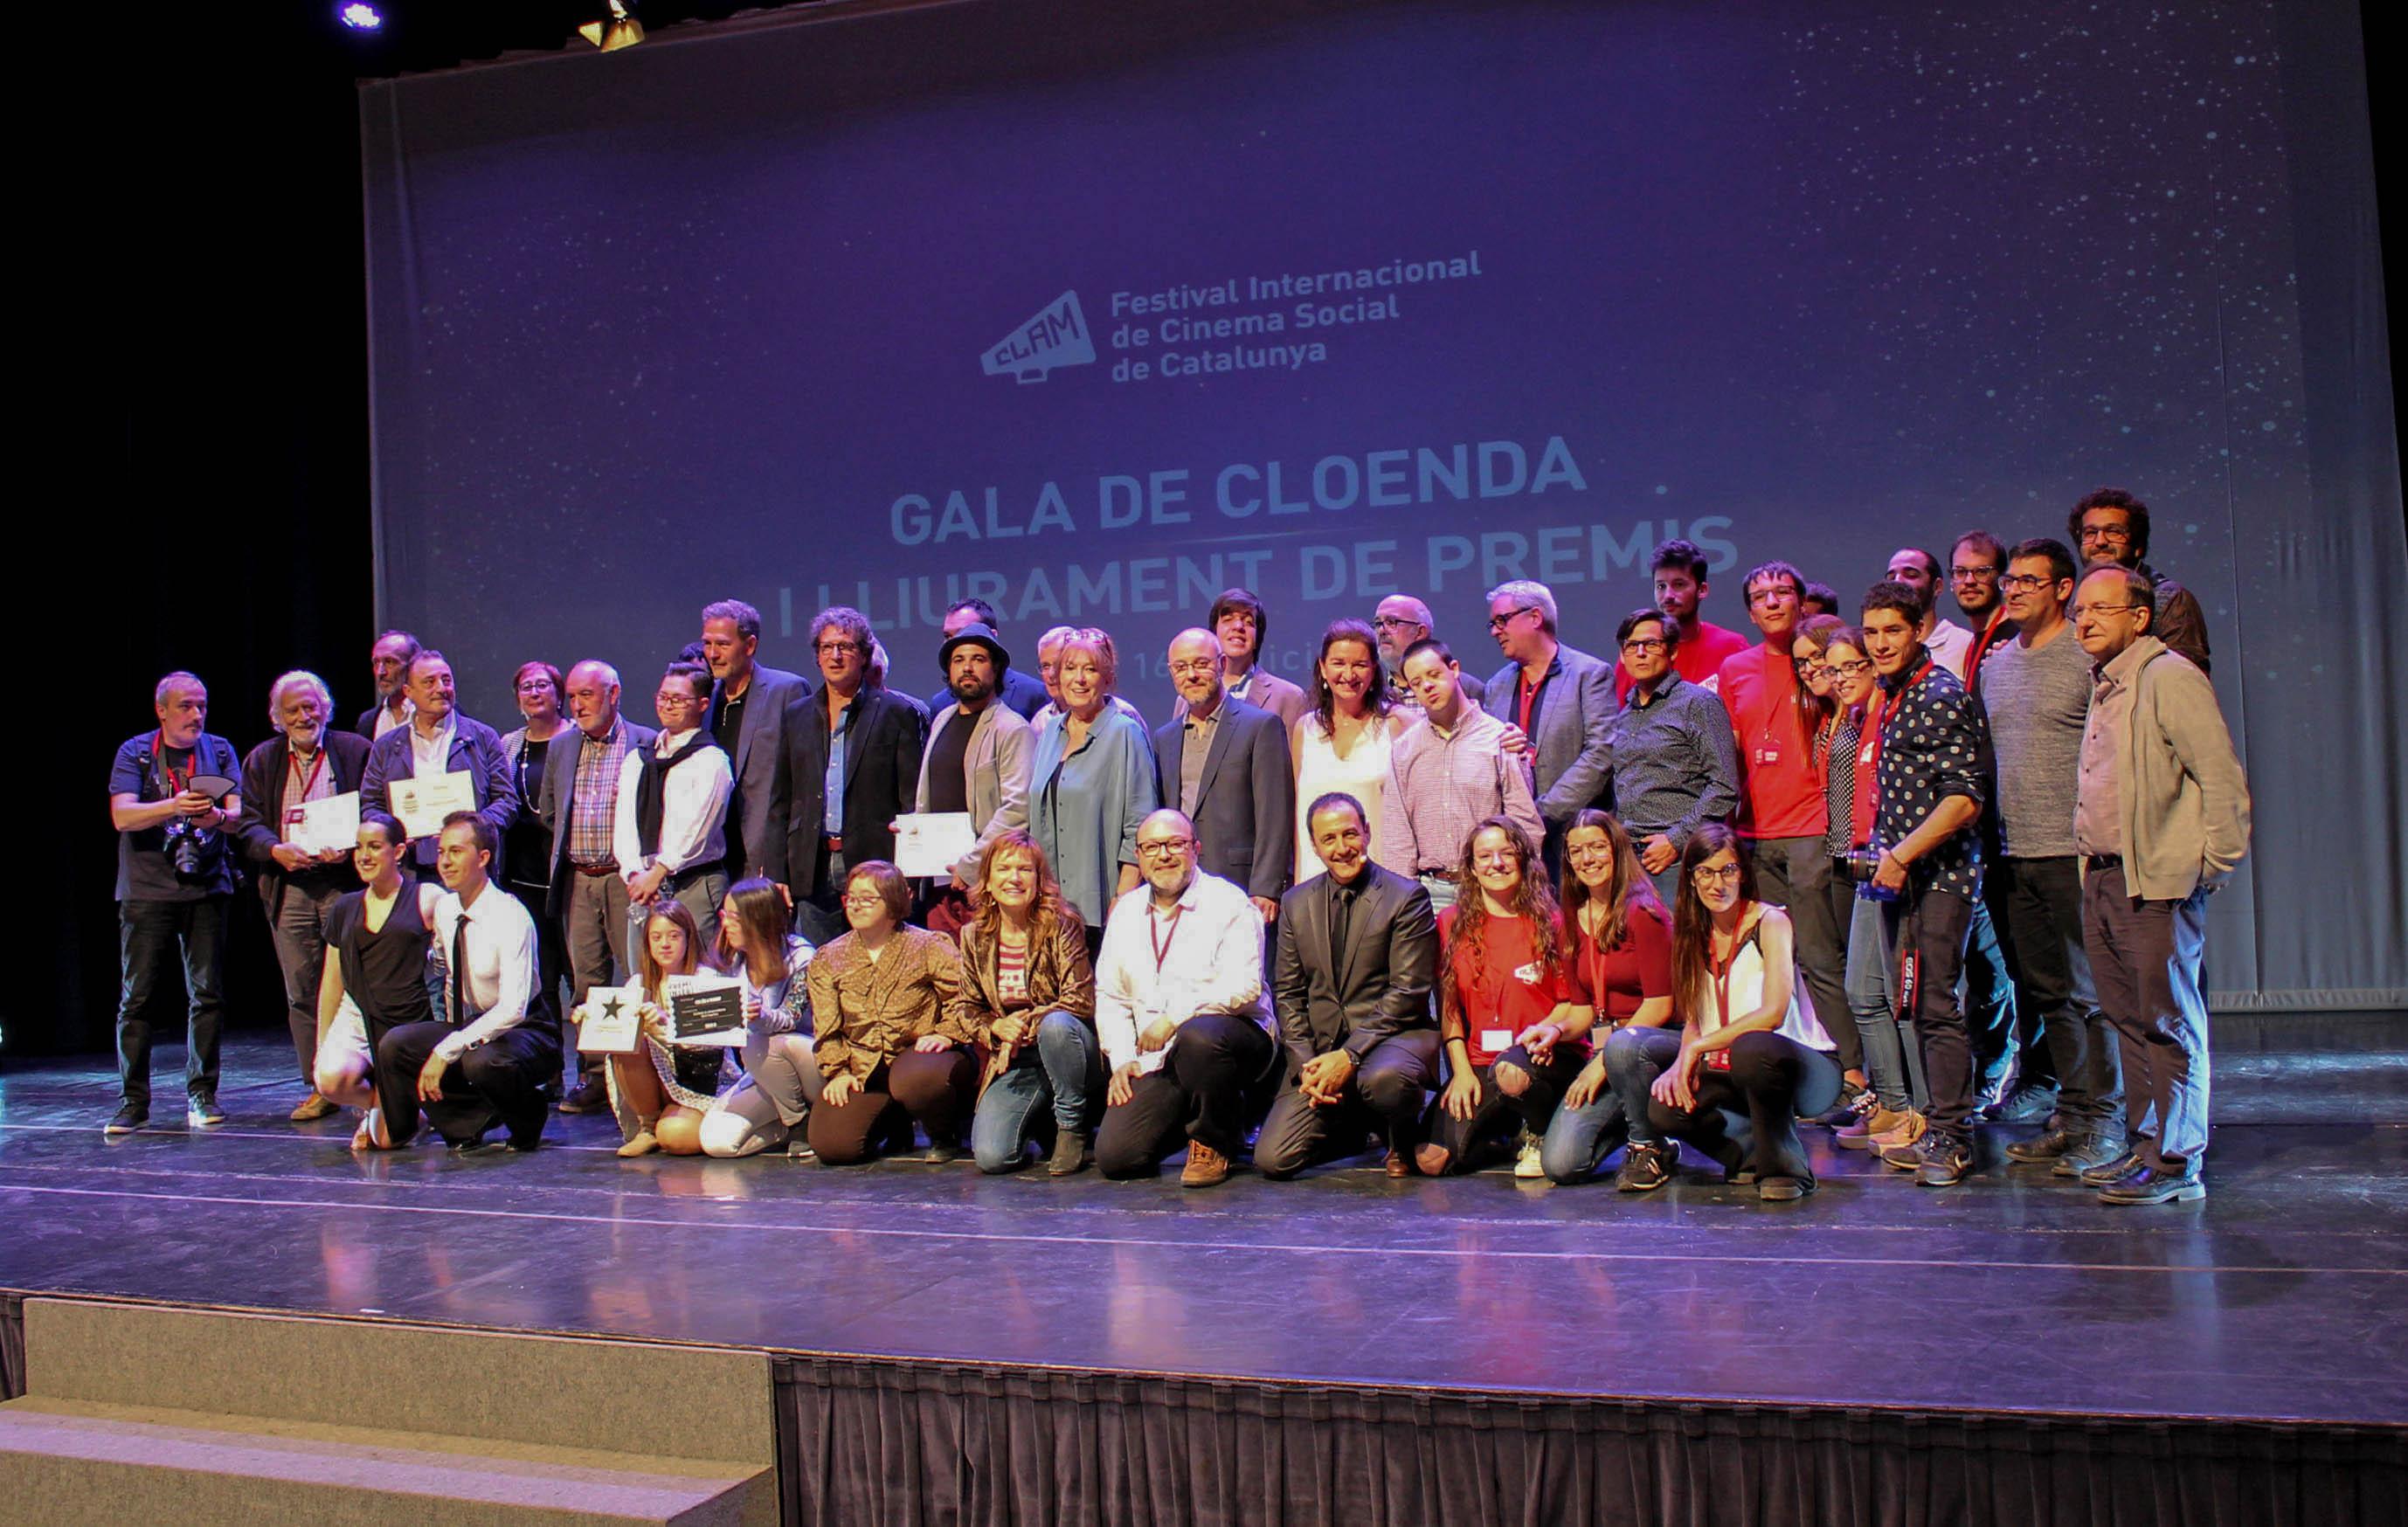 L'organització del CLAM, Festival Internacional de Cinema Social de Catalunya, ajorna la 17a edició fins al 2021